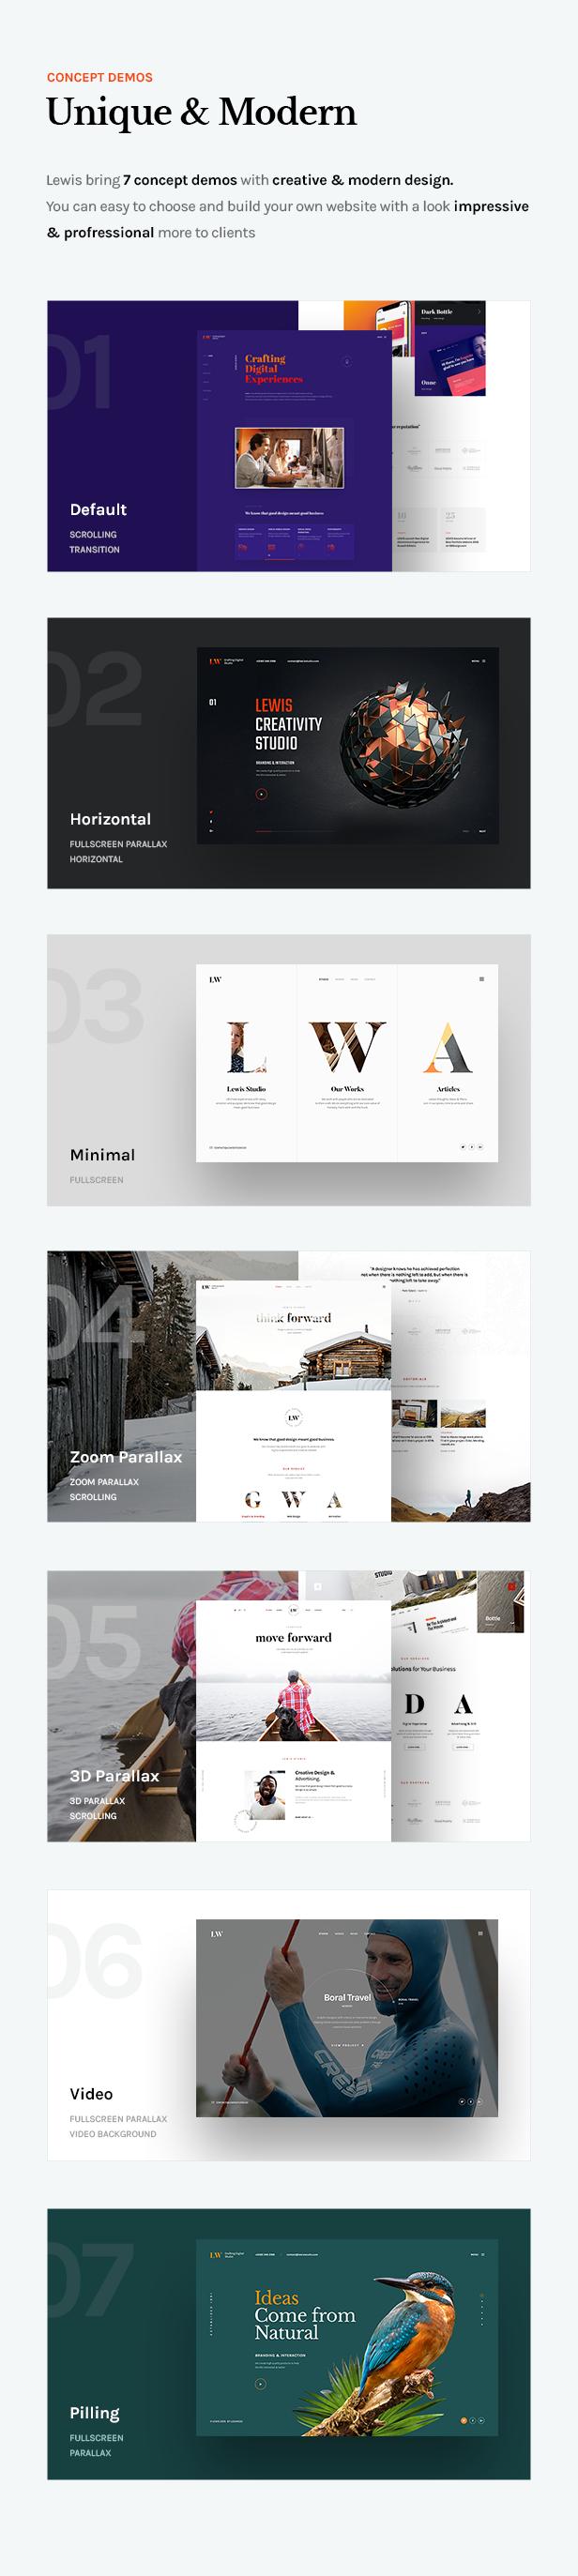 Lewis - Creative Portfolio & Agency WordPress Theme - 5